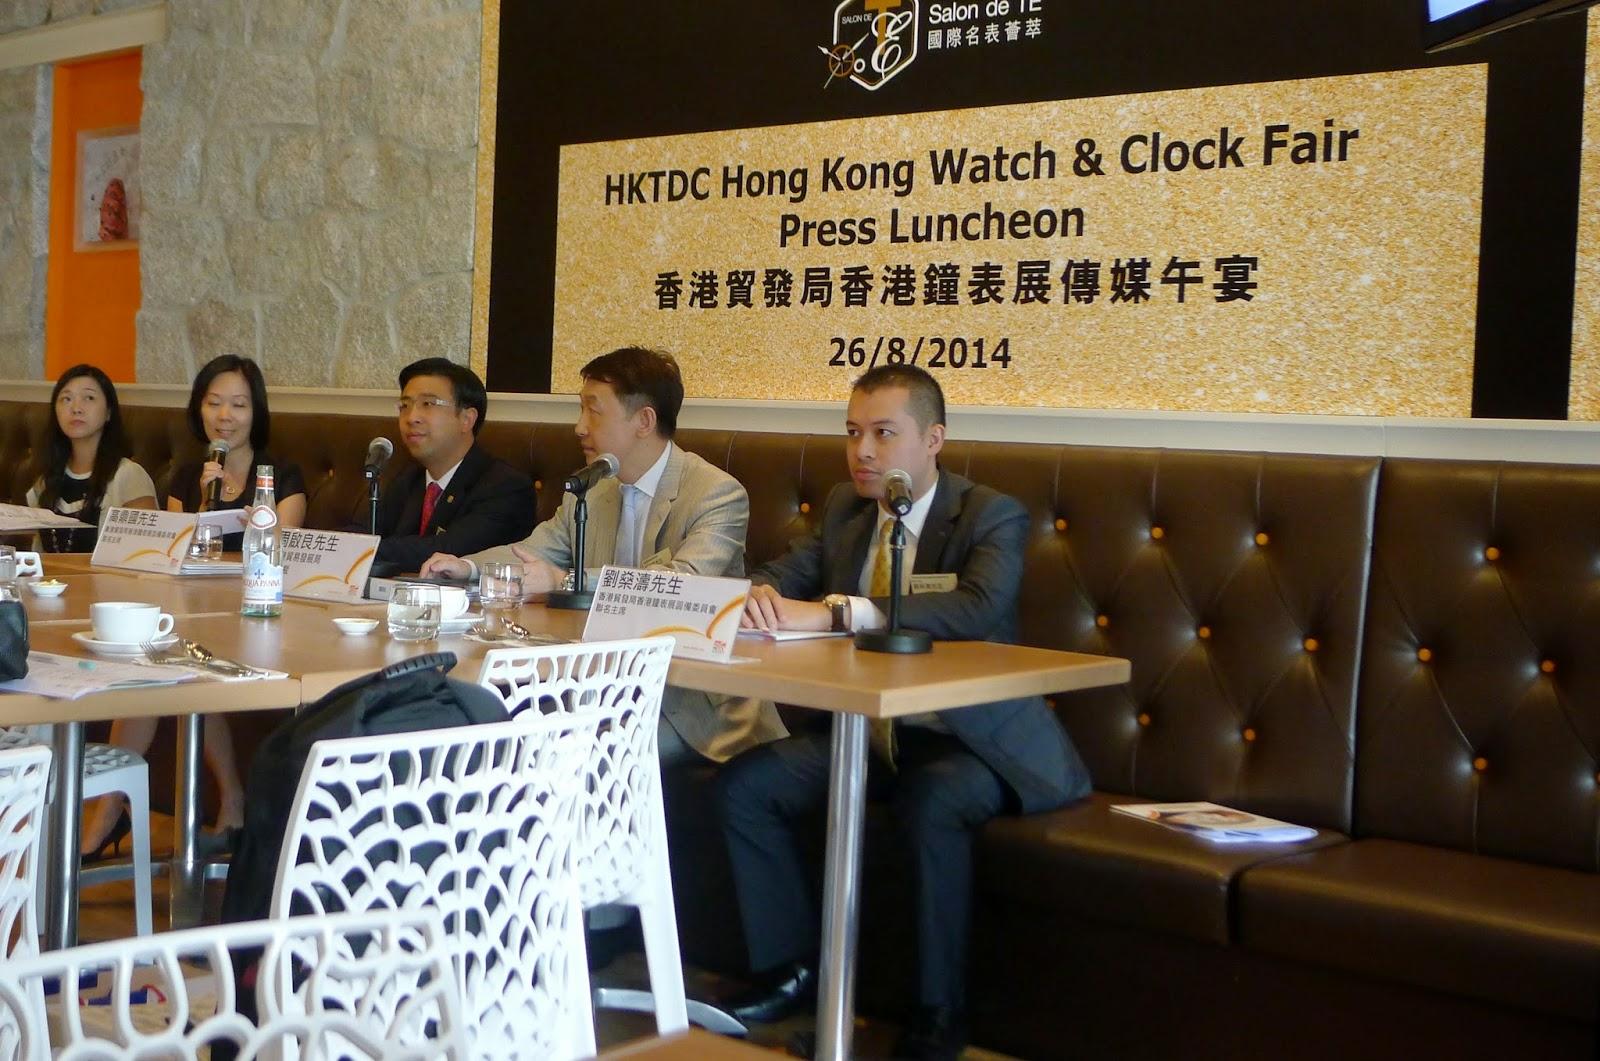 第33屆香港貿發局香港鐘表展傳媒午宴